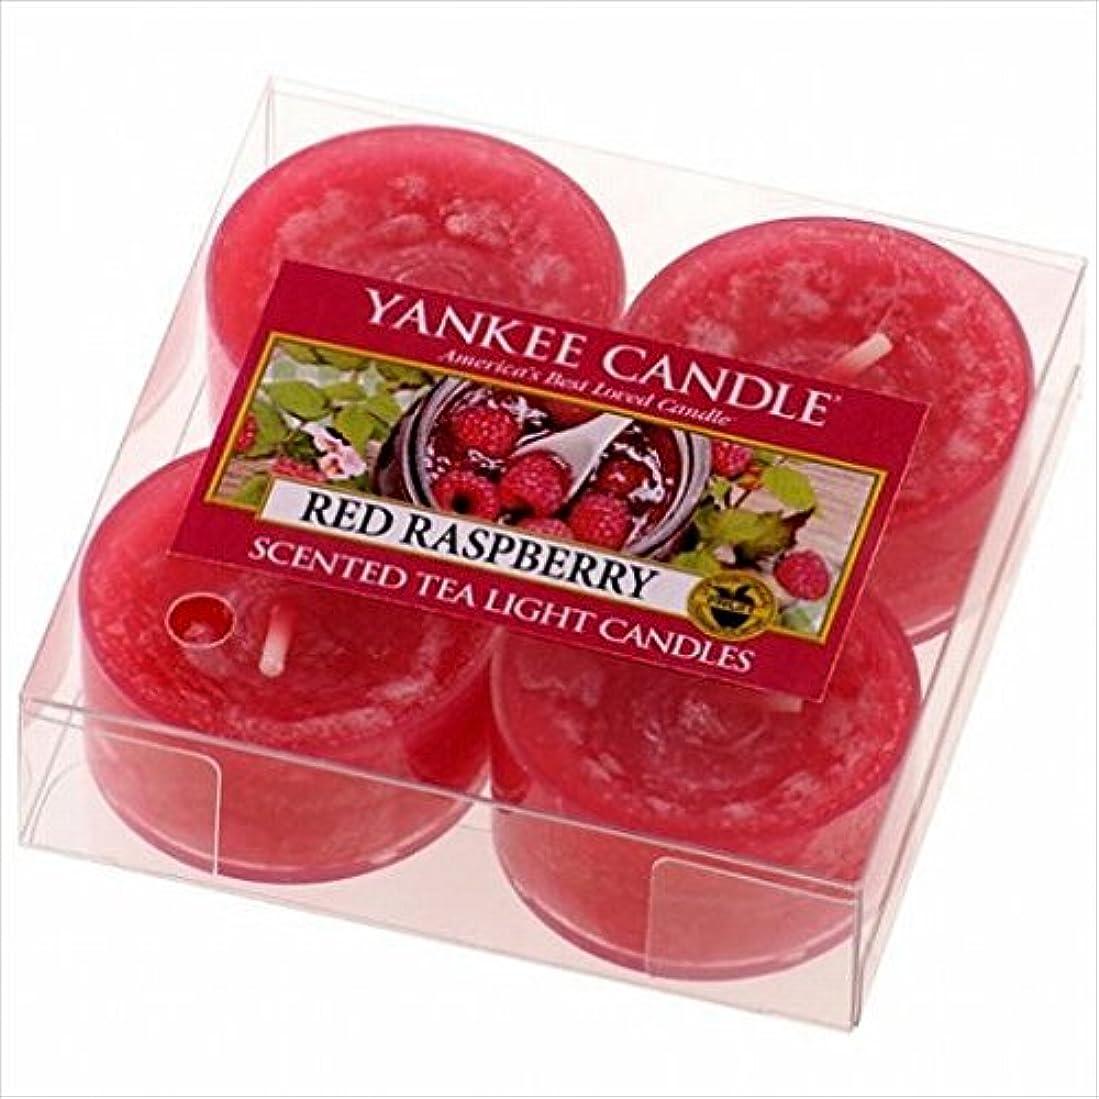 天使アンケートハロウィンヤンキーキャンドル(YANKEE CANDLE) YANKEE CANDLE クリアカップティーライト4個入り 「 レッドラズベリー 」